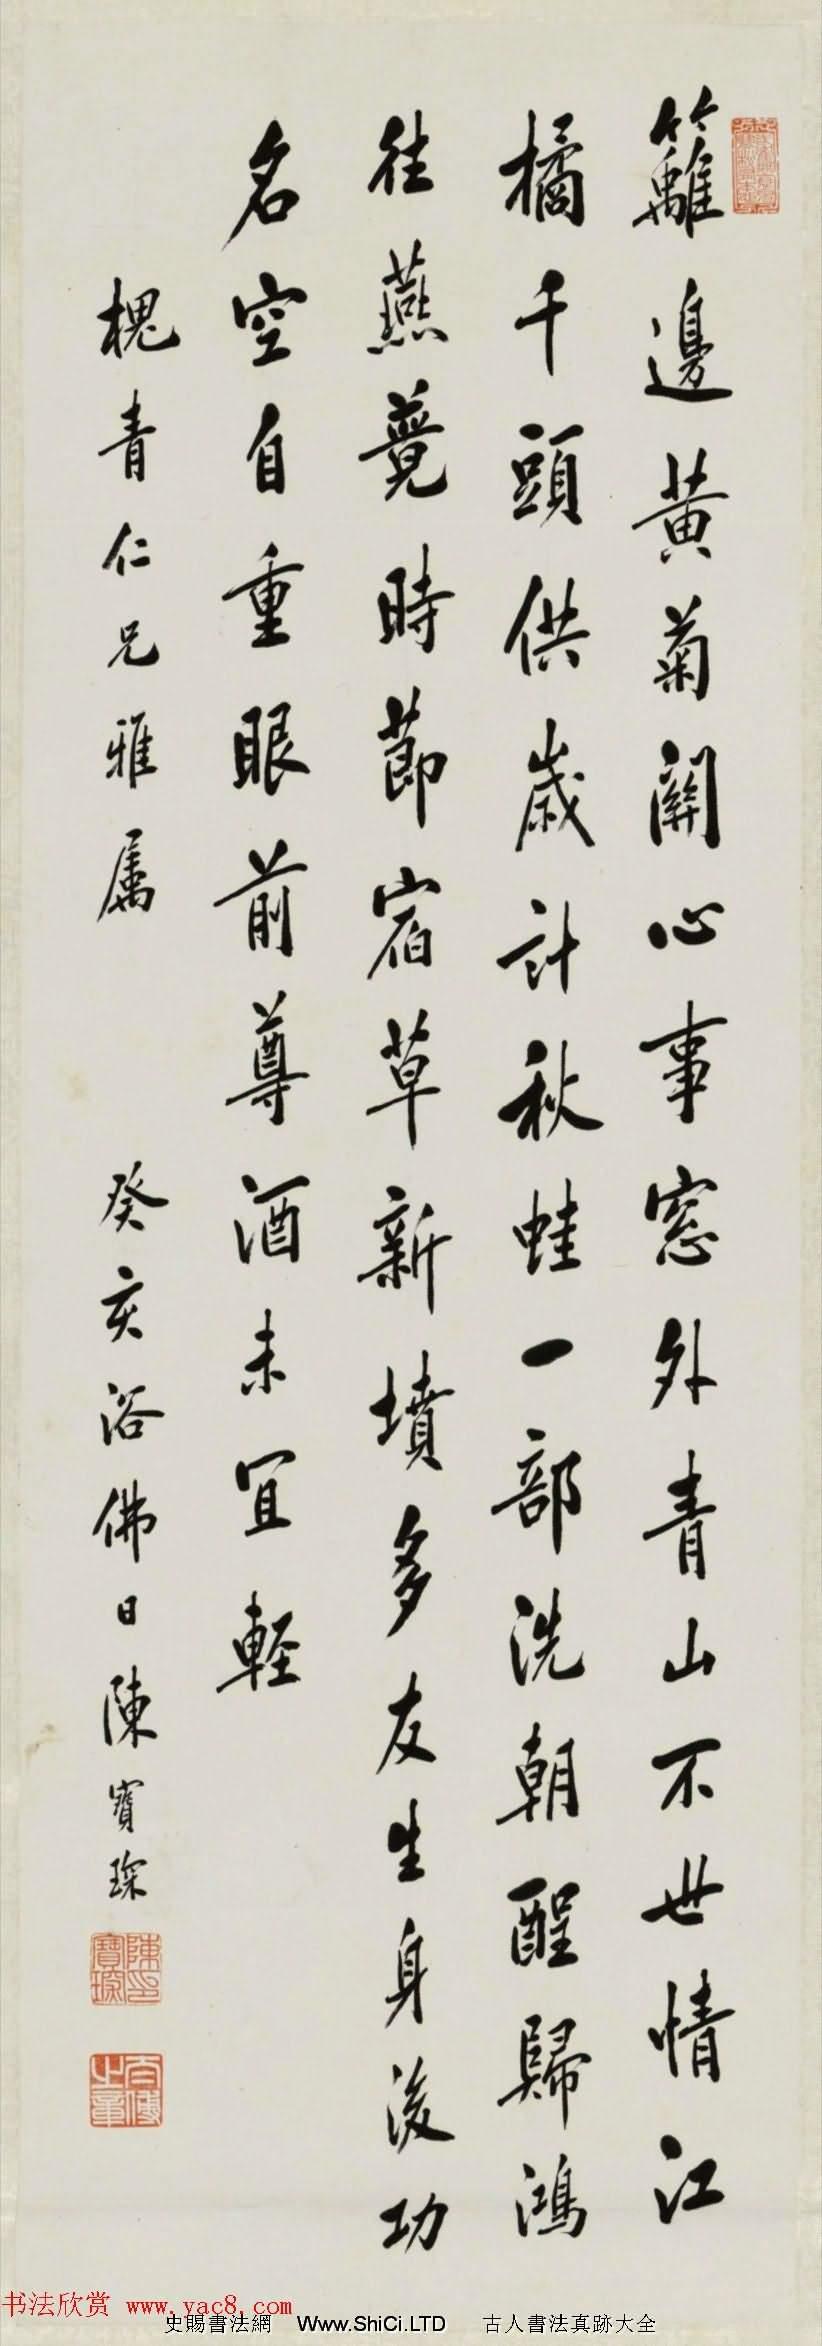 溥儀之師陳寶琛書法墨跡(共5張圖片)